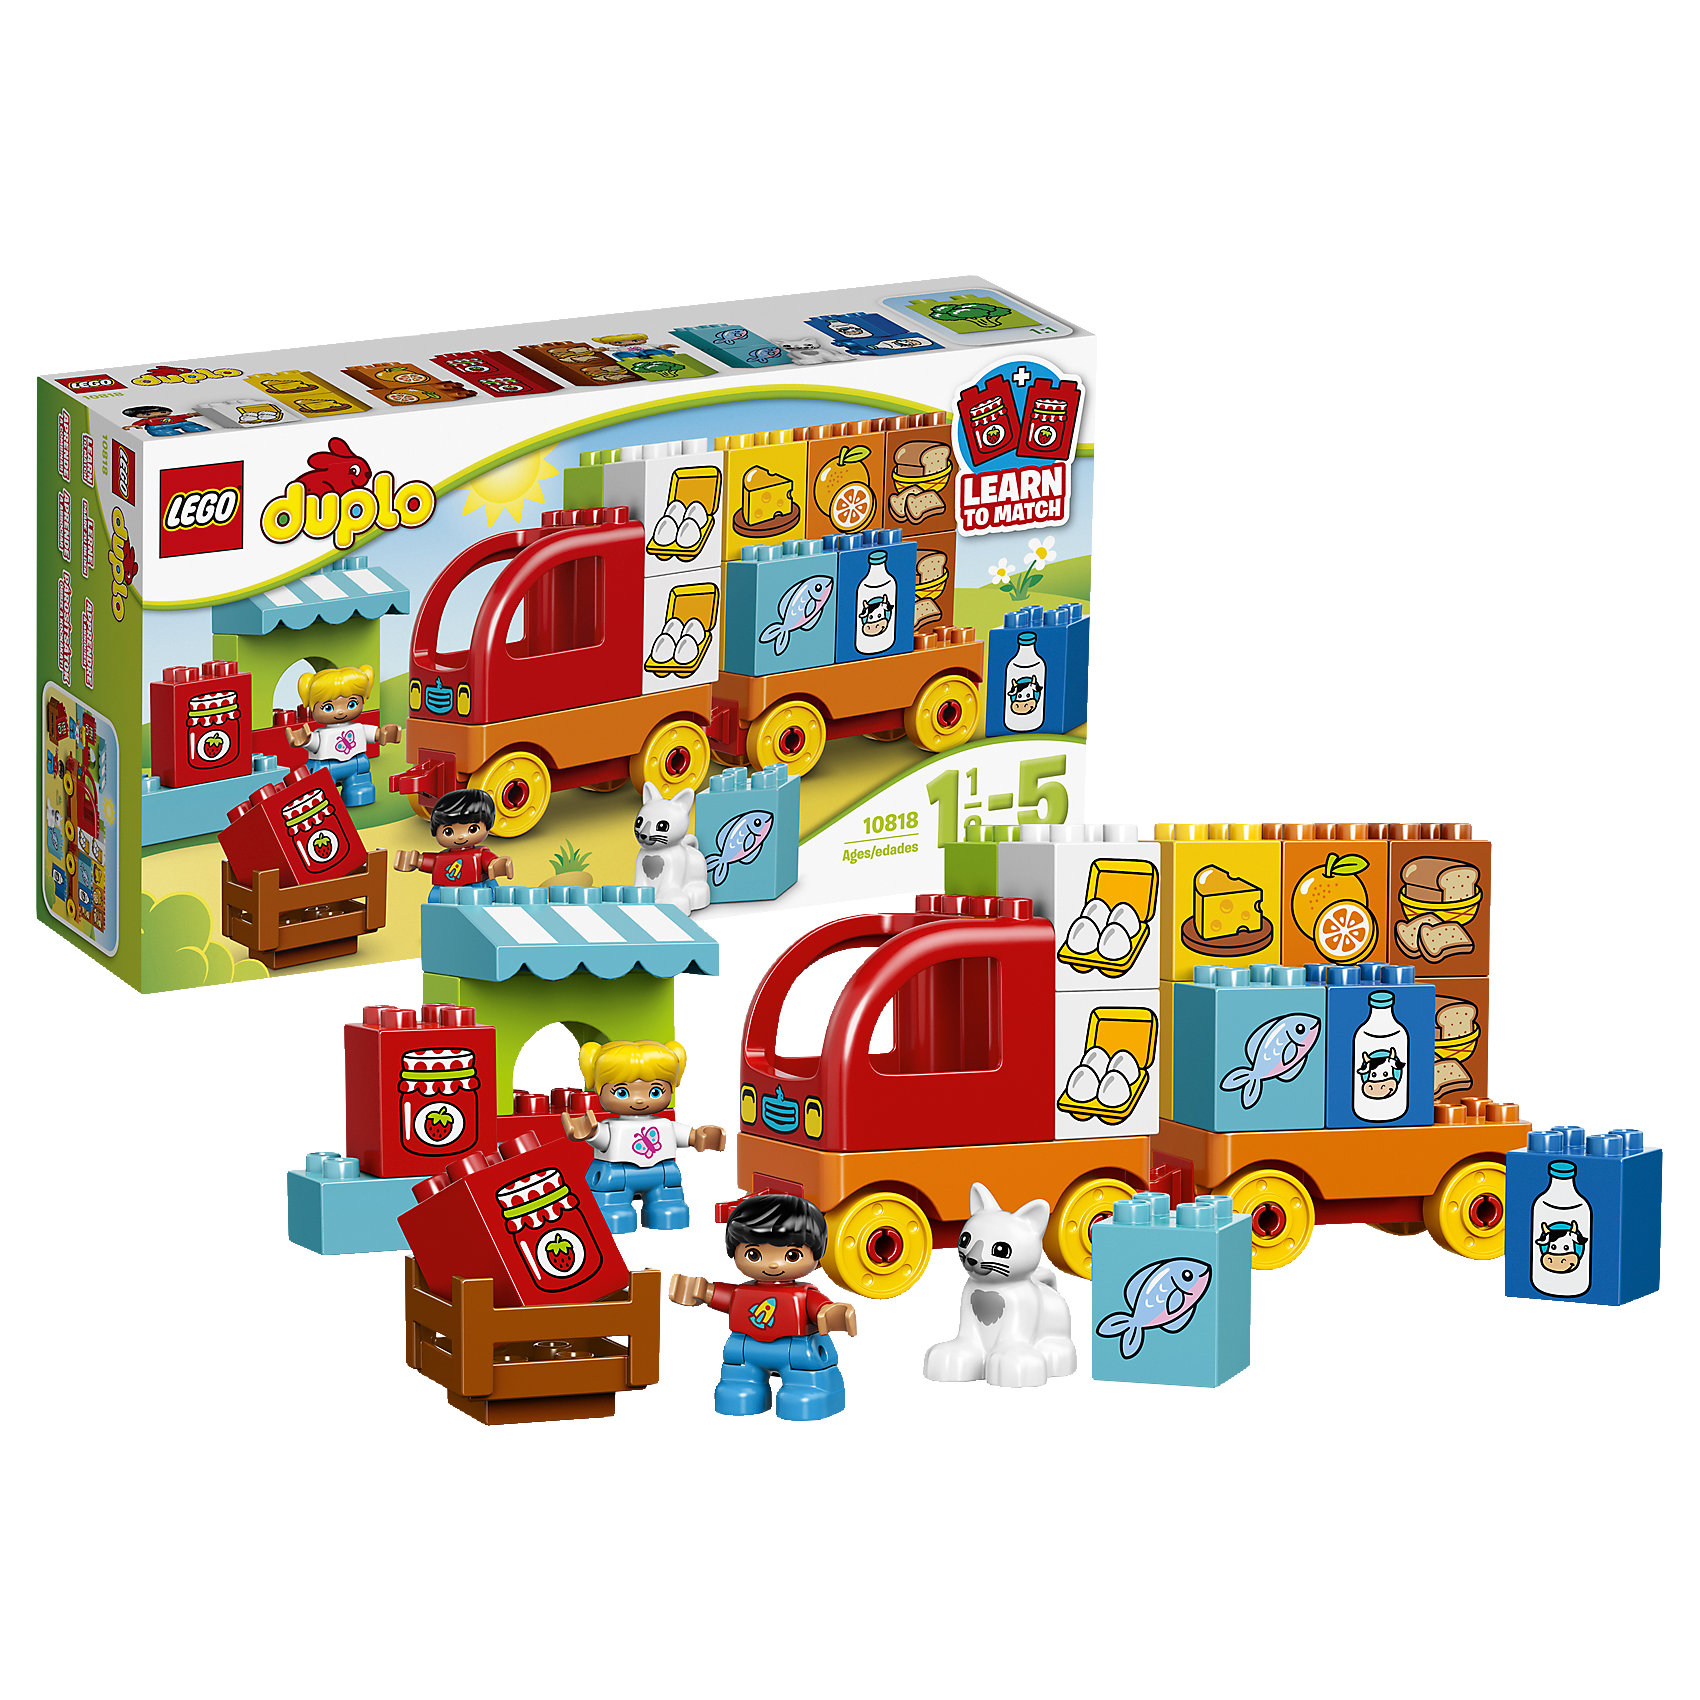 LEGO DUPLO 10818: Мой первый грузовикКонструкторы для малышей<br>LEGO DUPLO (ЛЕГО Дупло) 10818: Мой первый грузовик - увлекательный игровой набор, который станет замечательным подарком для Вашего малыша. Из ярких деталей он сможет самостоятельно собрать красочный грузовик с прицепом и местом для водителя. Загрузите кузов разнообразными продуктами (в комплект входят 8 пар разноцветных блоков, декорированных изображениями продуктов) и отправляйтесь в путь. Можно соорудить рыночный киоск с навесом и открыть торговлю. Все детали разработаны специально для маленьких детских ручек. Набор предоставляет большие возможности для веселых ролевых игр и развития фантазии.<br><br>ЛЕГО Дупло - серия конструкторов для малышей, которую отличают крупные яркие детали со скругленными углами и многообразие игровых сюжетов, это и животные, и растения, и машинки, и сказочные персонажи. <br><br>Дополнительная информация:<br><br>- Игра с конструктором LEGO (ЛЕГО) развивает мелкую моторику ребенка, фантазию и воображение, учит его усидчивости и внимательности.<br>- Количество деталей: 29.<br>- Количество минифигур: 3 (водитель, продавщица, кошечка).<br>- Серия: LEGO DUPLO (ЛЕГО Дупло). <br>- Материал: пластик.<br>- Размер упаковки: 35,5 х 9 х 19 см.<br>- Вес: 0,63 кг.<br><br>Конструктор LEGO DUPLO (ЛЕГО Дупло) 10818: Мой первый грузовик можно купить в нашем интернет-магазине.<br><br>Ширина мм: 355<br>Глубина мм: 189<br>Высота мм: 92<br>Вес г: 613<br>Возраст от месяцев: 18<br>Возраст до месяцев: 60<br>Пол: Мужской<br>Возраст: Детский<br>SKU: 4259151